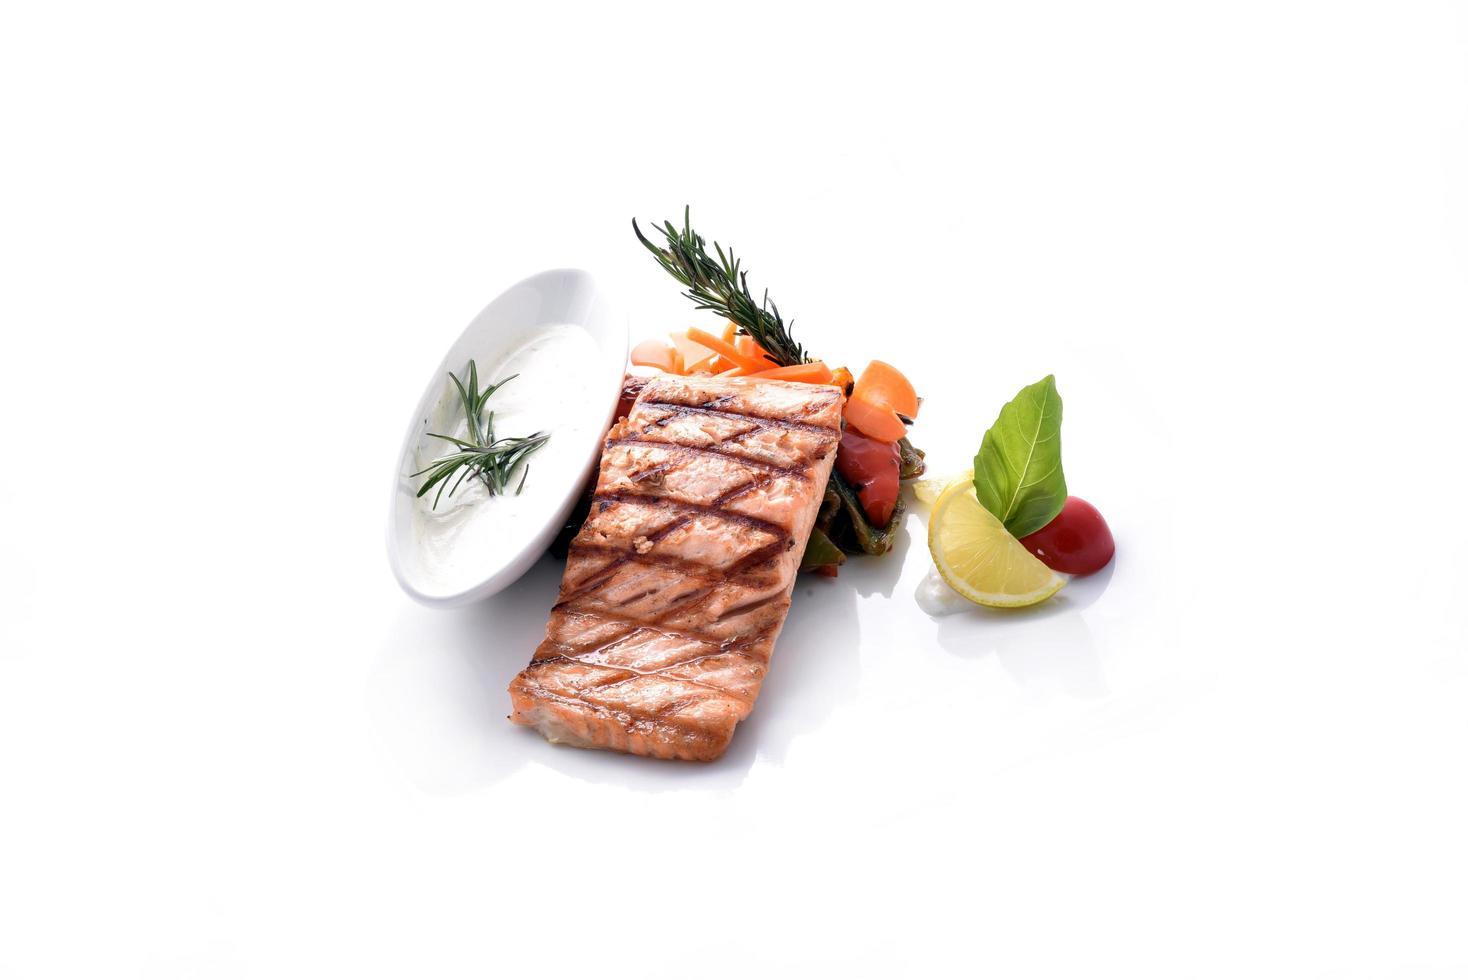 Gegrillter Lachs mit Gemüse foto